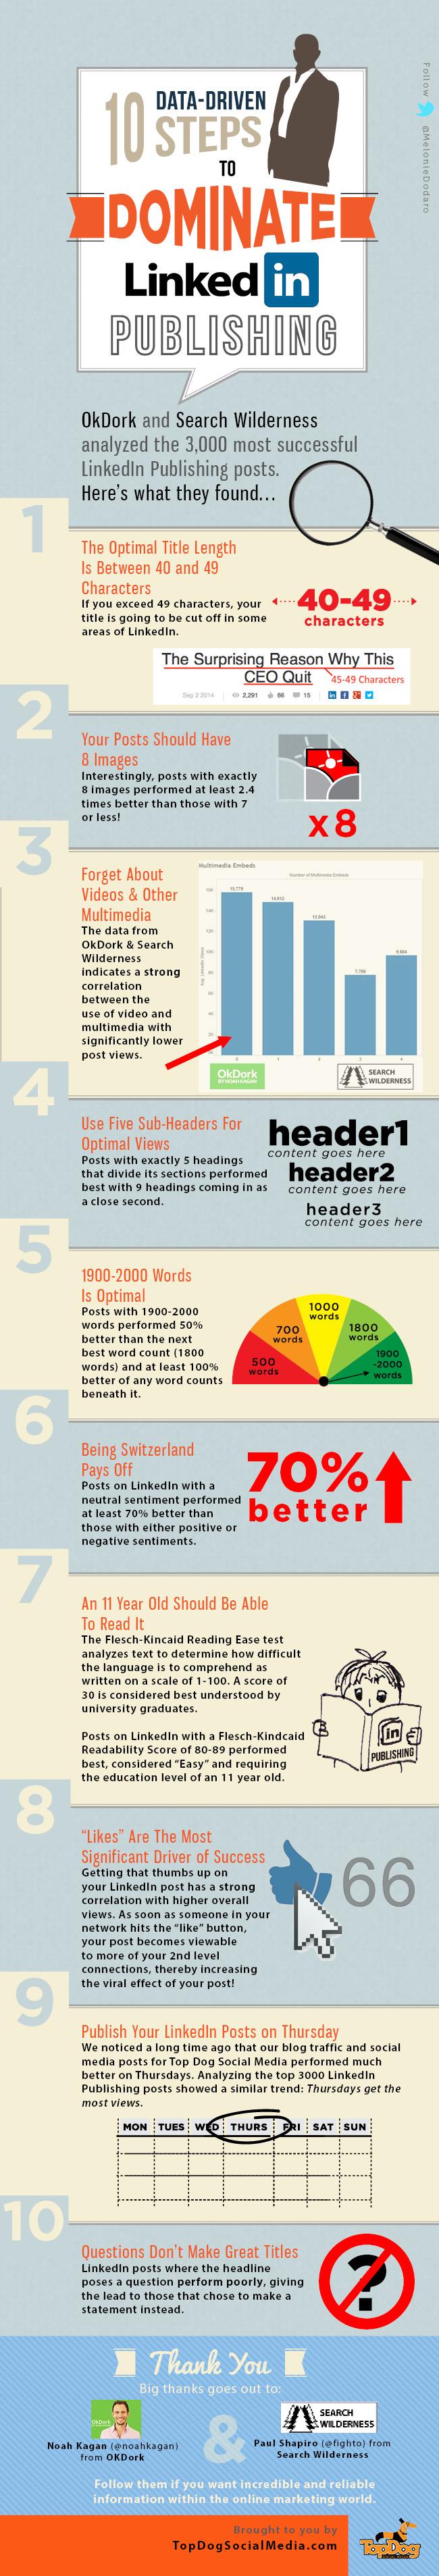 10 consejos para dominar la publicaciones en Linkedin